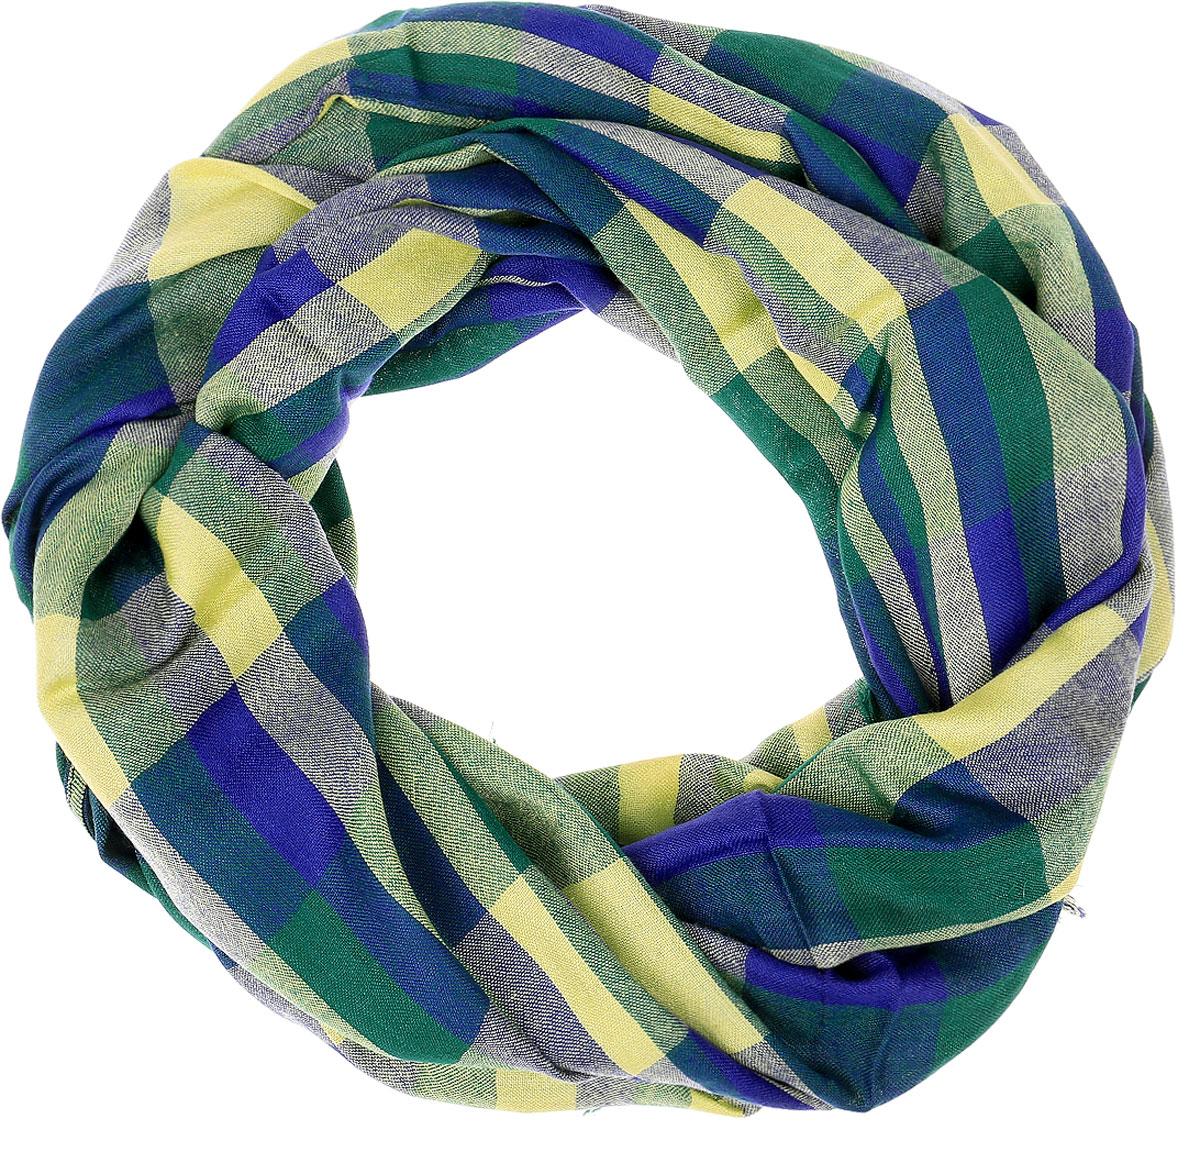 Палантин Vita Pelle, цвет: синий, зеленый, желтый. Ro02PC3263-B3-4. Размер 64 см х 185 смRo02PC3263-B3-4Палантин Vita Pelle изготовлен из вискозы с добавлением шелка и рами. Палантин оформлен принтом в крупную клетку, по краям дополнен плетеной бахромой.